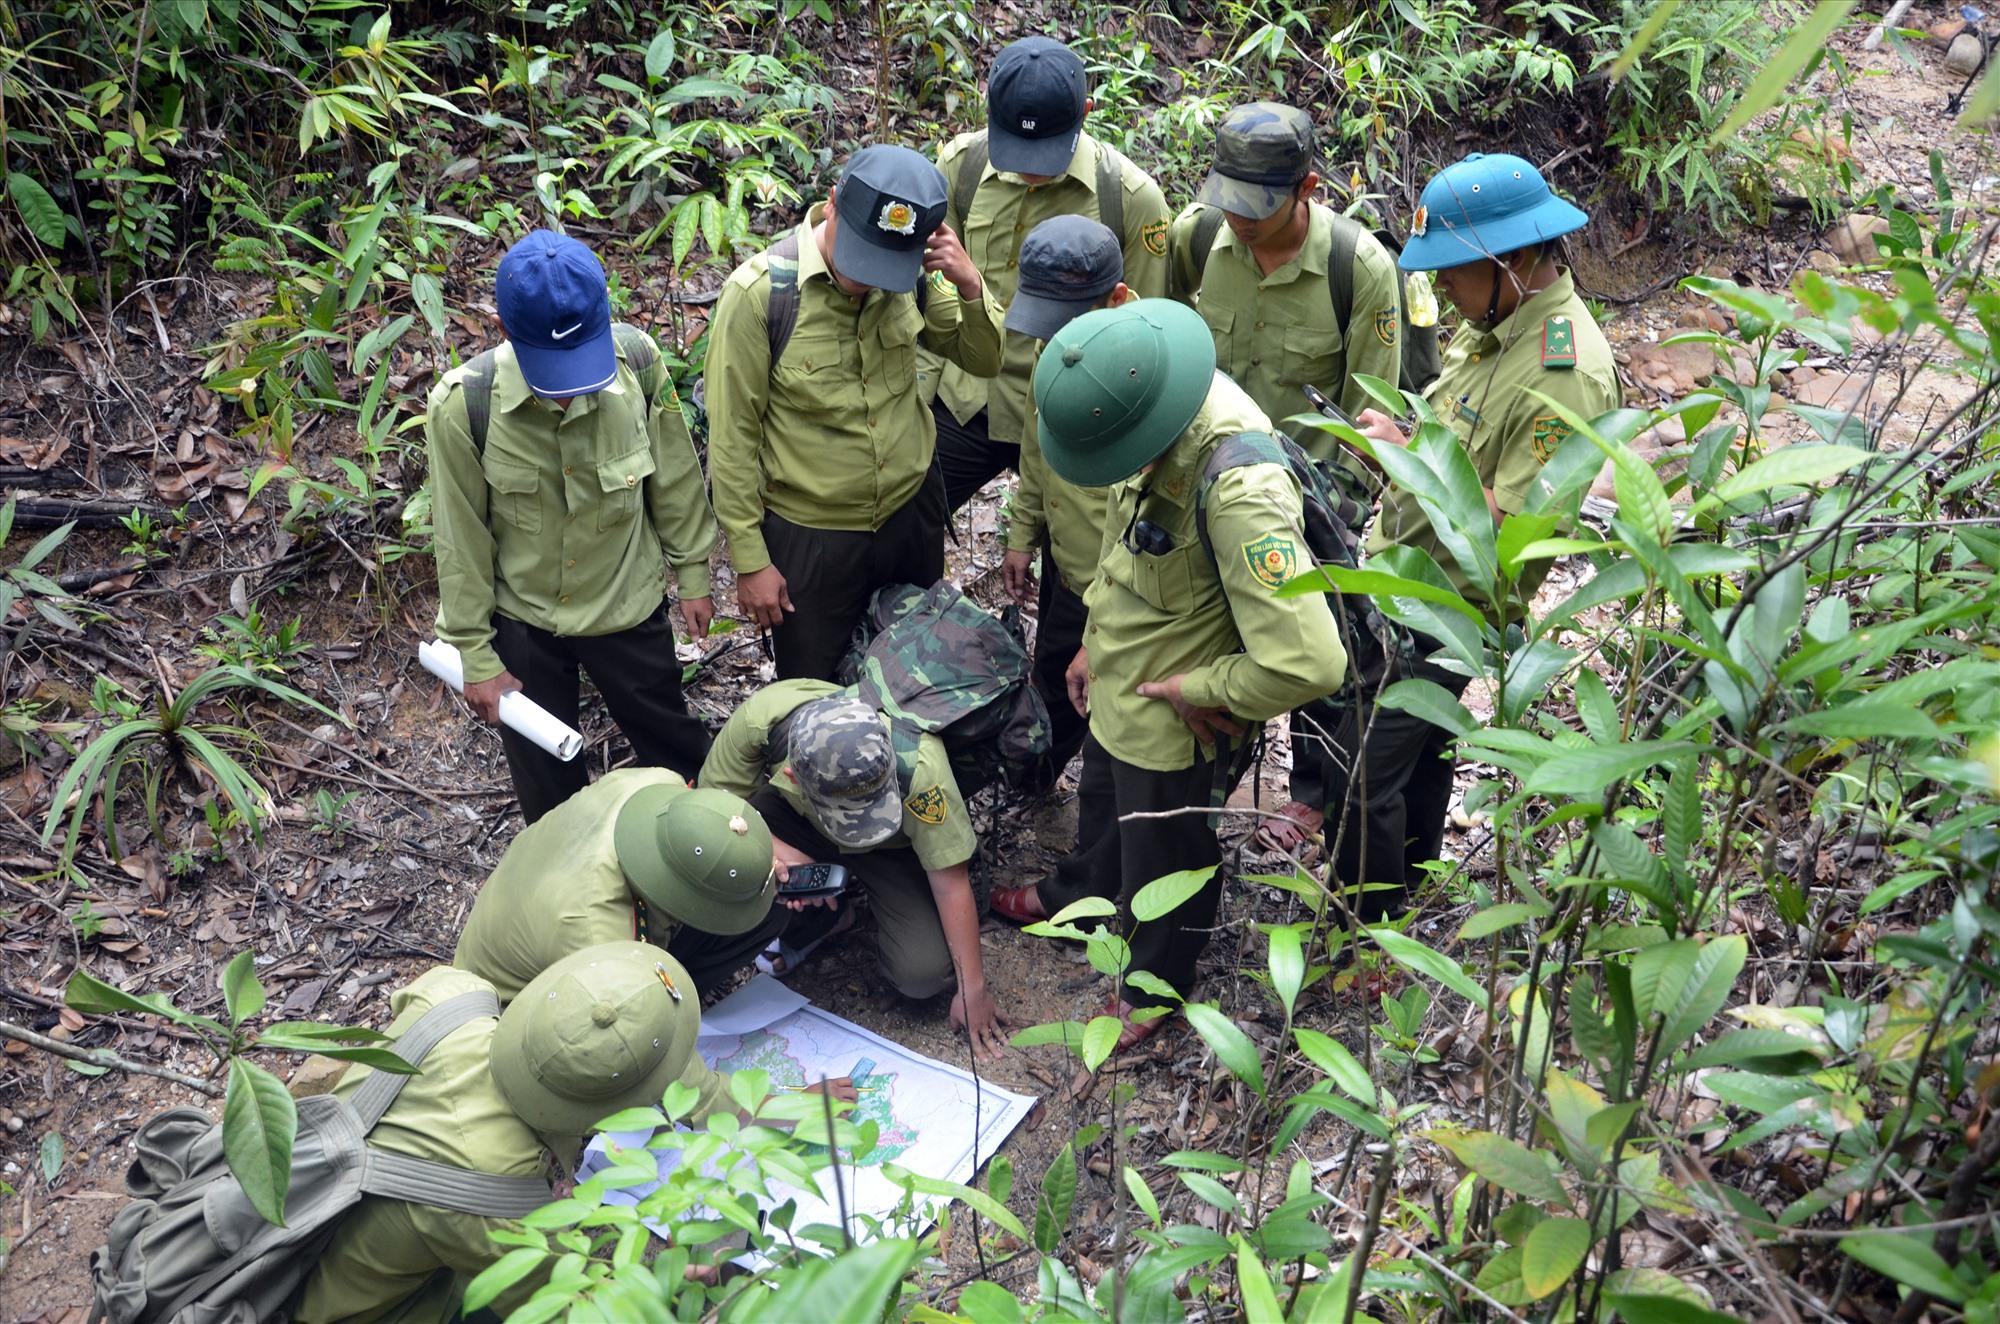 Lực lượng bảo vệ rừng chuyên trách tuần tra rừng trong lâm phận Khu bảo tồn loài và sinh cảnh Voi Nông Sơn. Ảnh: H.P